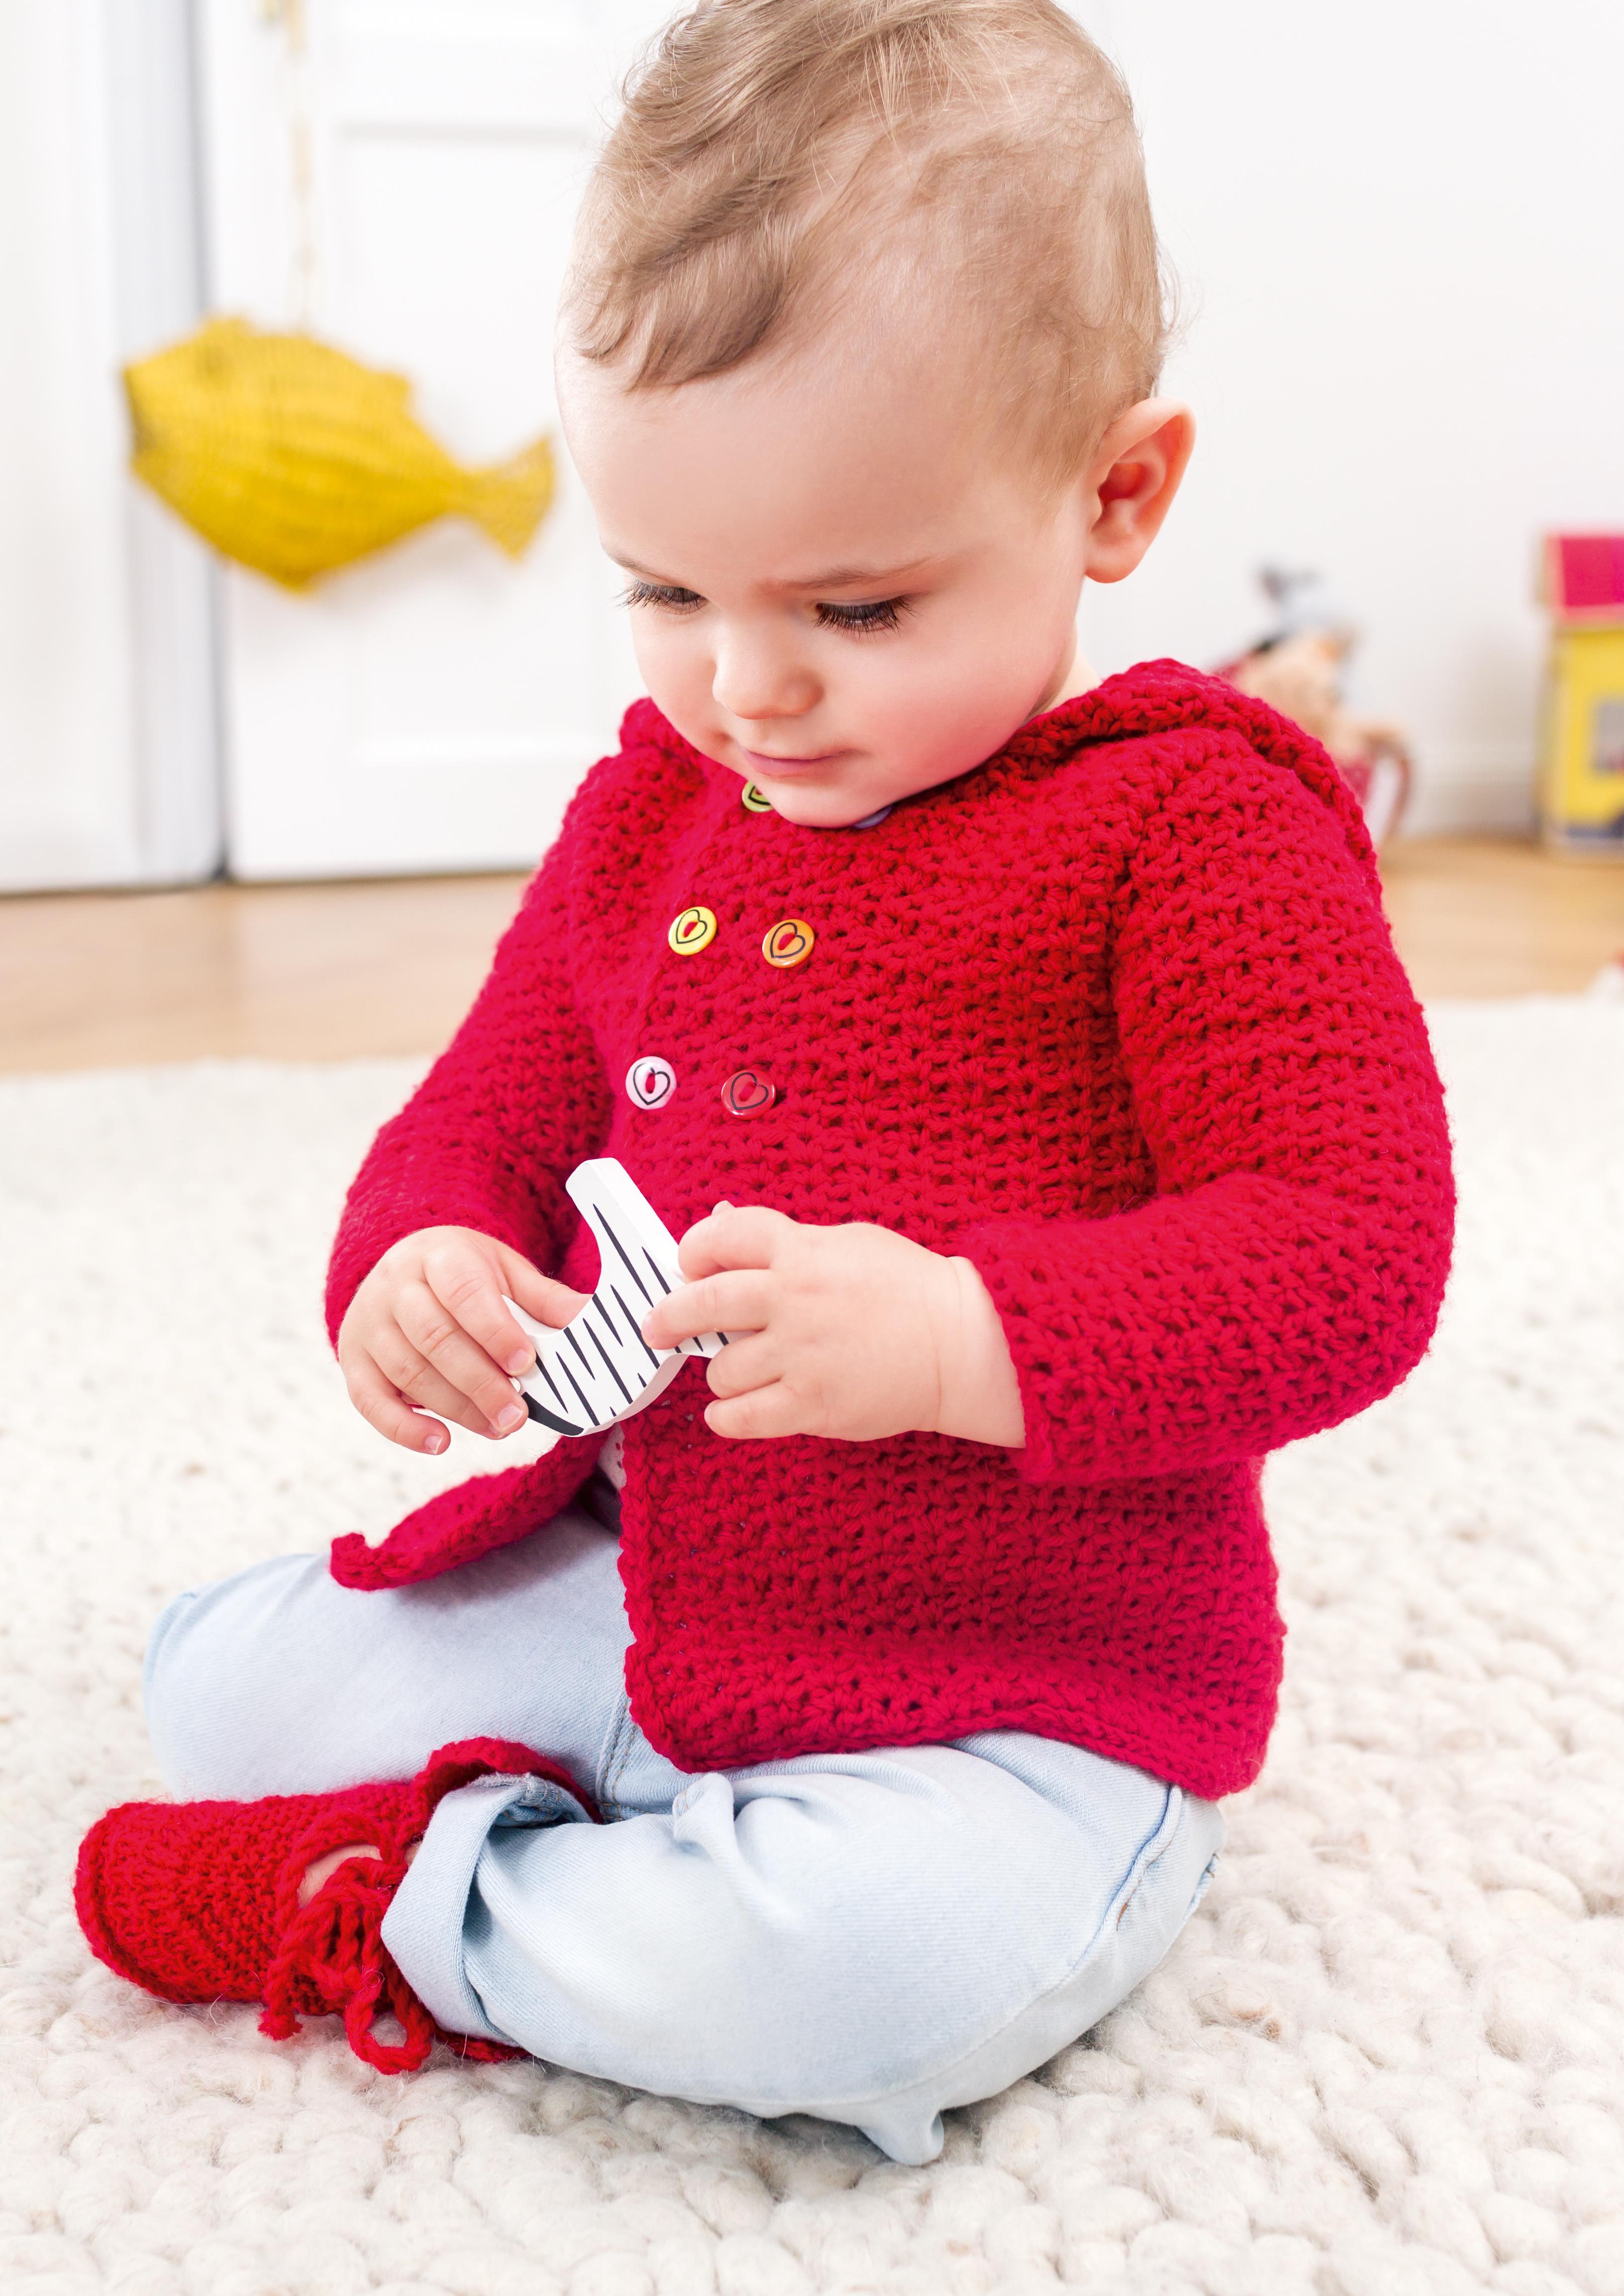 Crocheted Jacket, S9417 | Schachenmayr